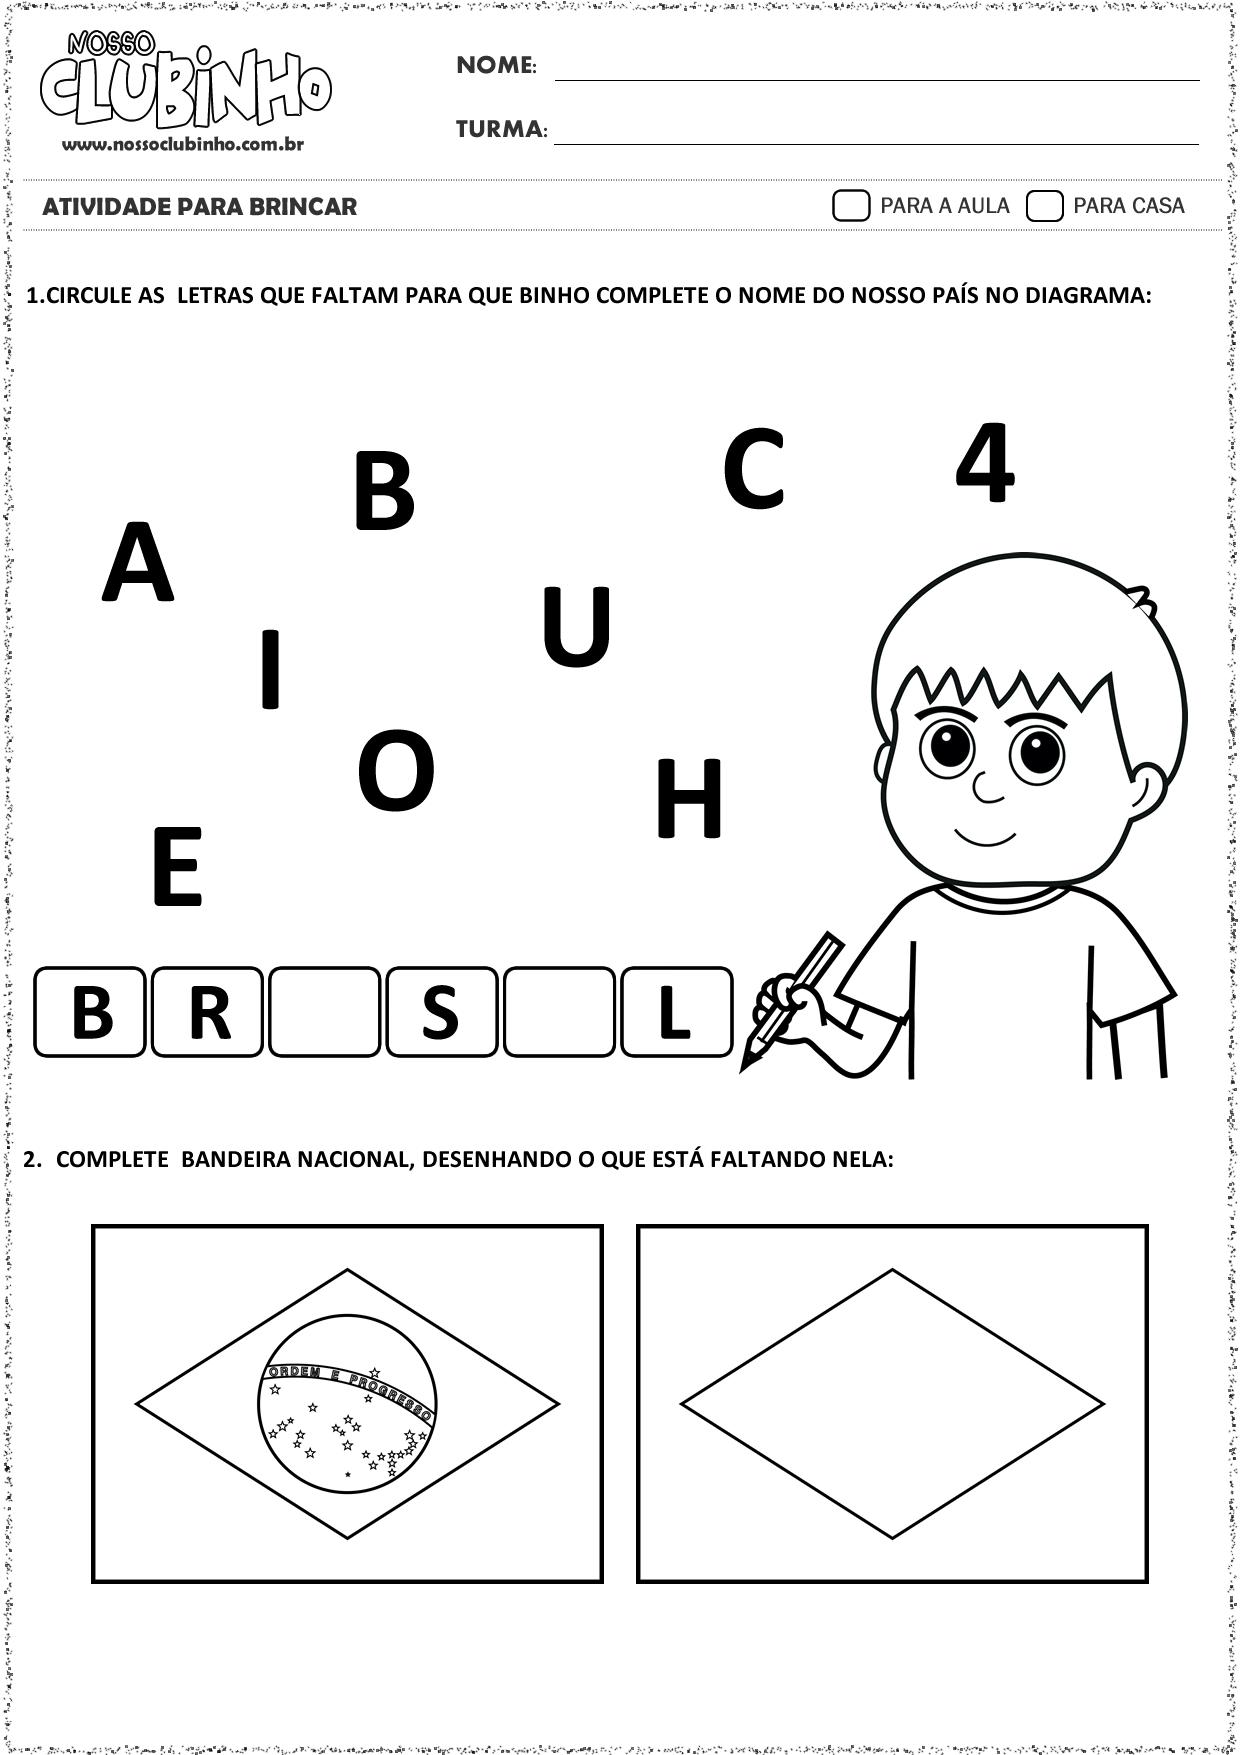 ATIVIDADE semana da pátria 2015 - EDUCAÇÃO INFANTIL - Pesquisa Google